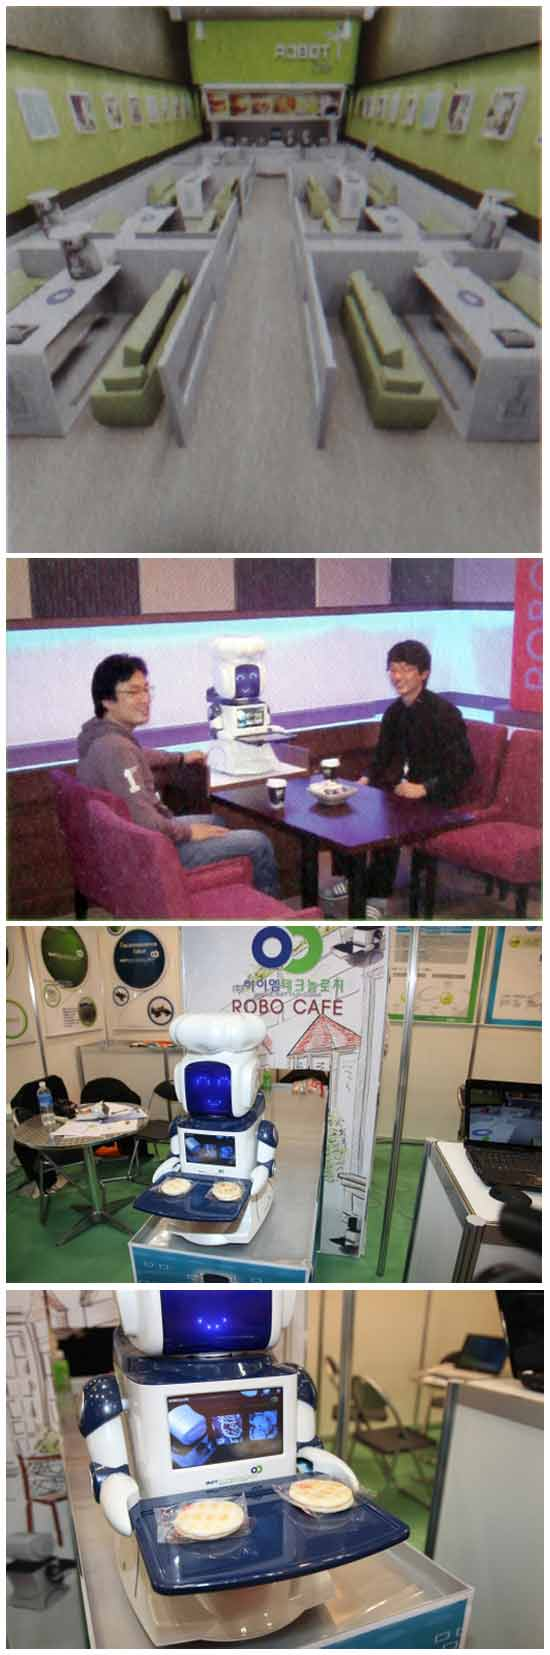 Необычная концепция ресторана: Ресторан, обслуживающийся роботами (Robo Cafe)